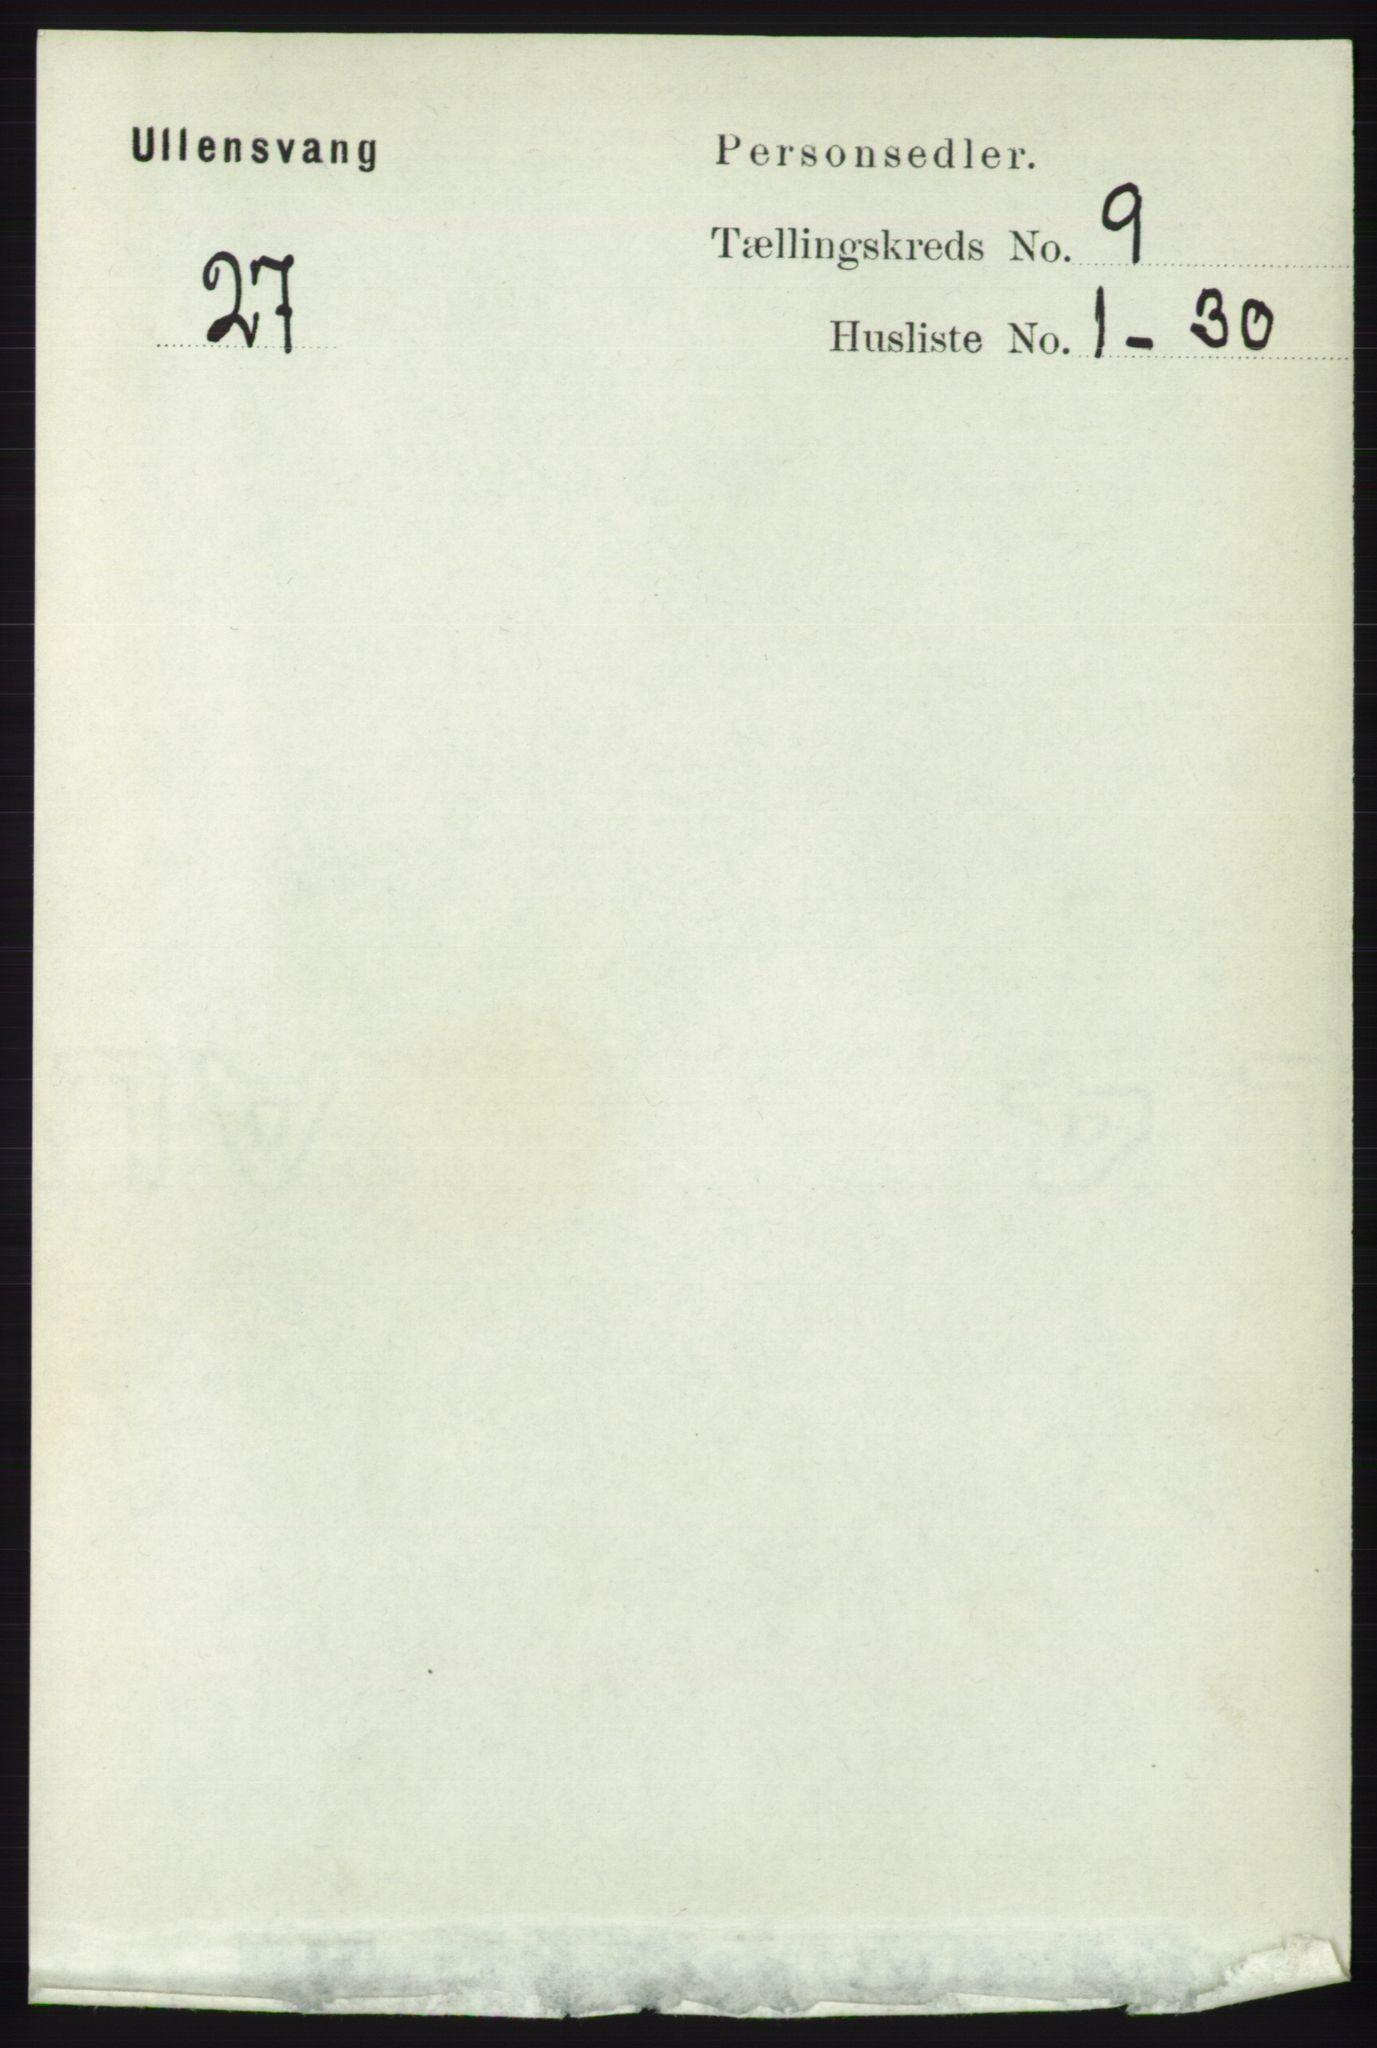 RA, Folketelling 1891 for 1230 Ullensvang herred, 1891, s. 3162